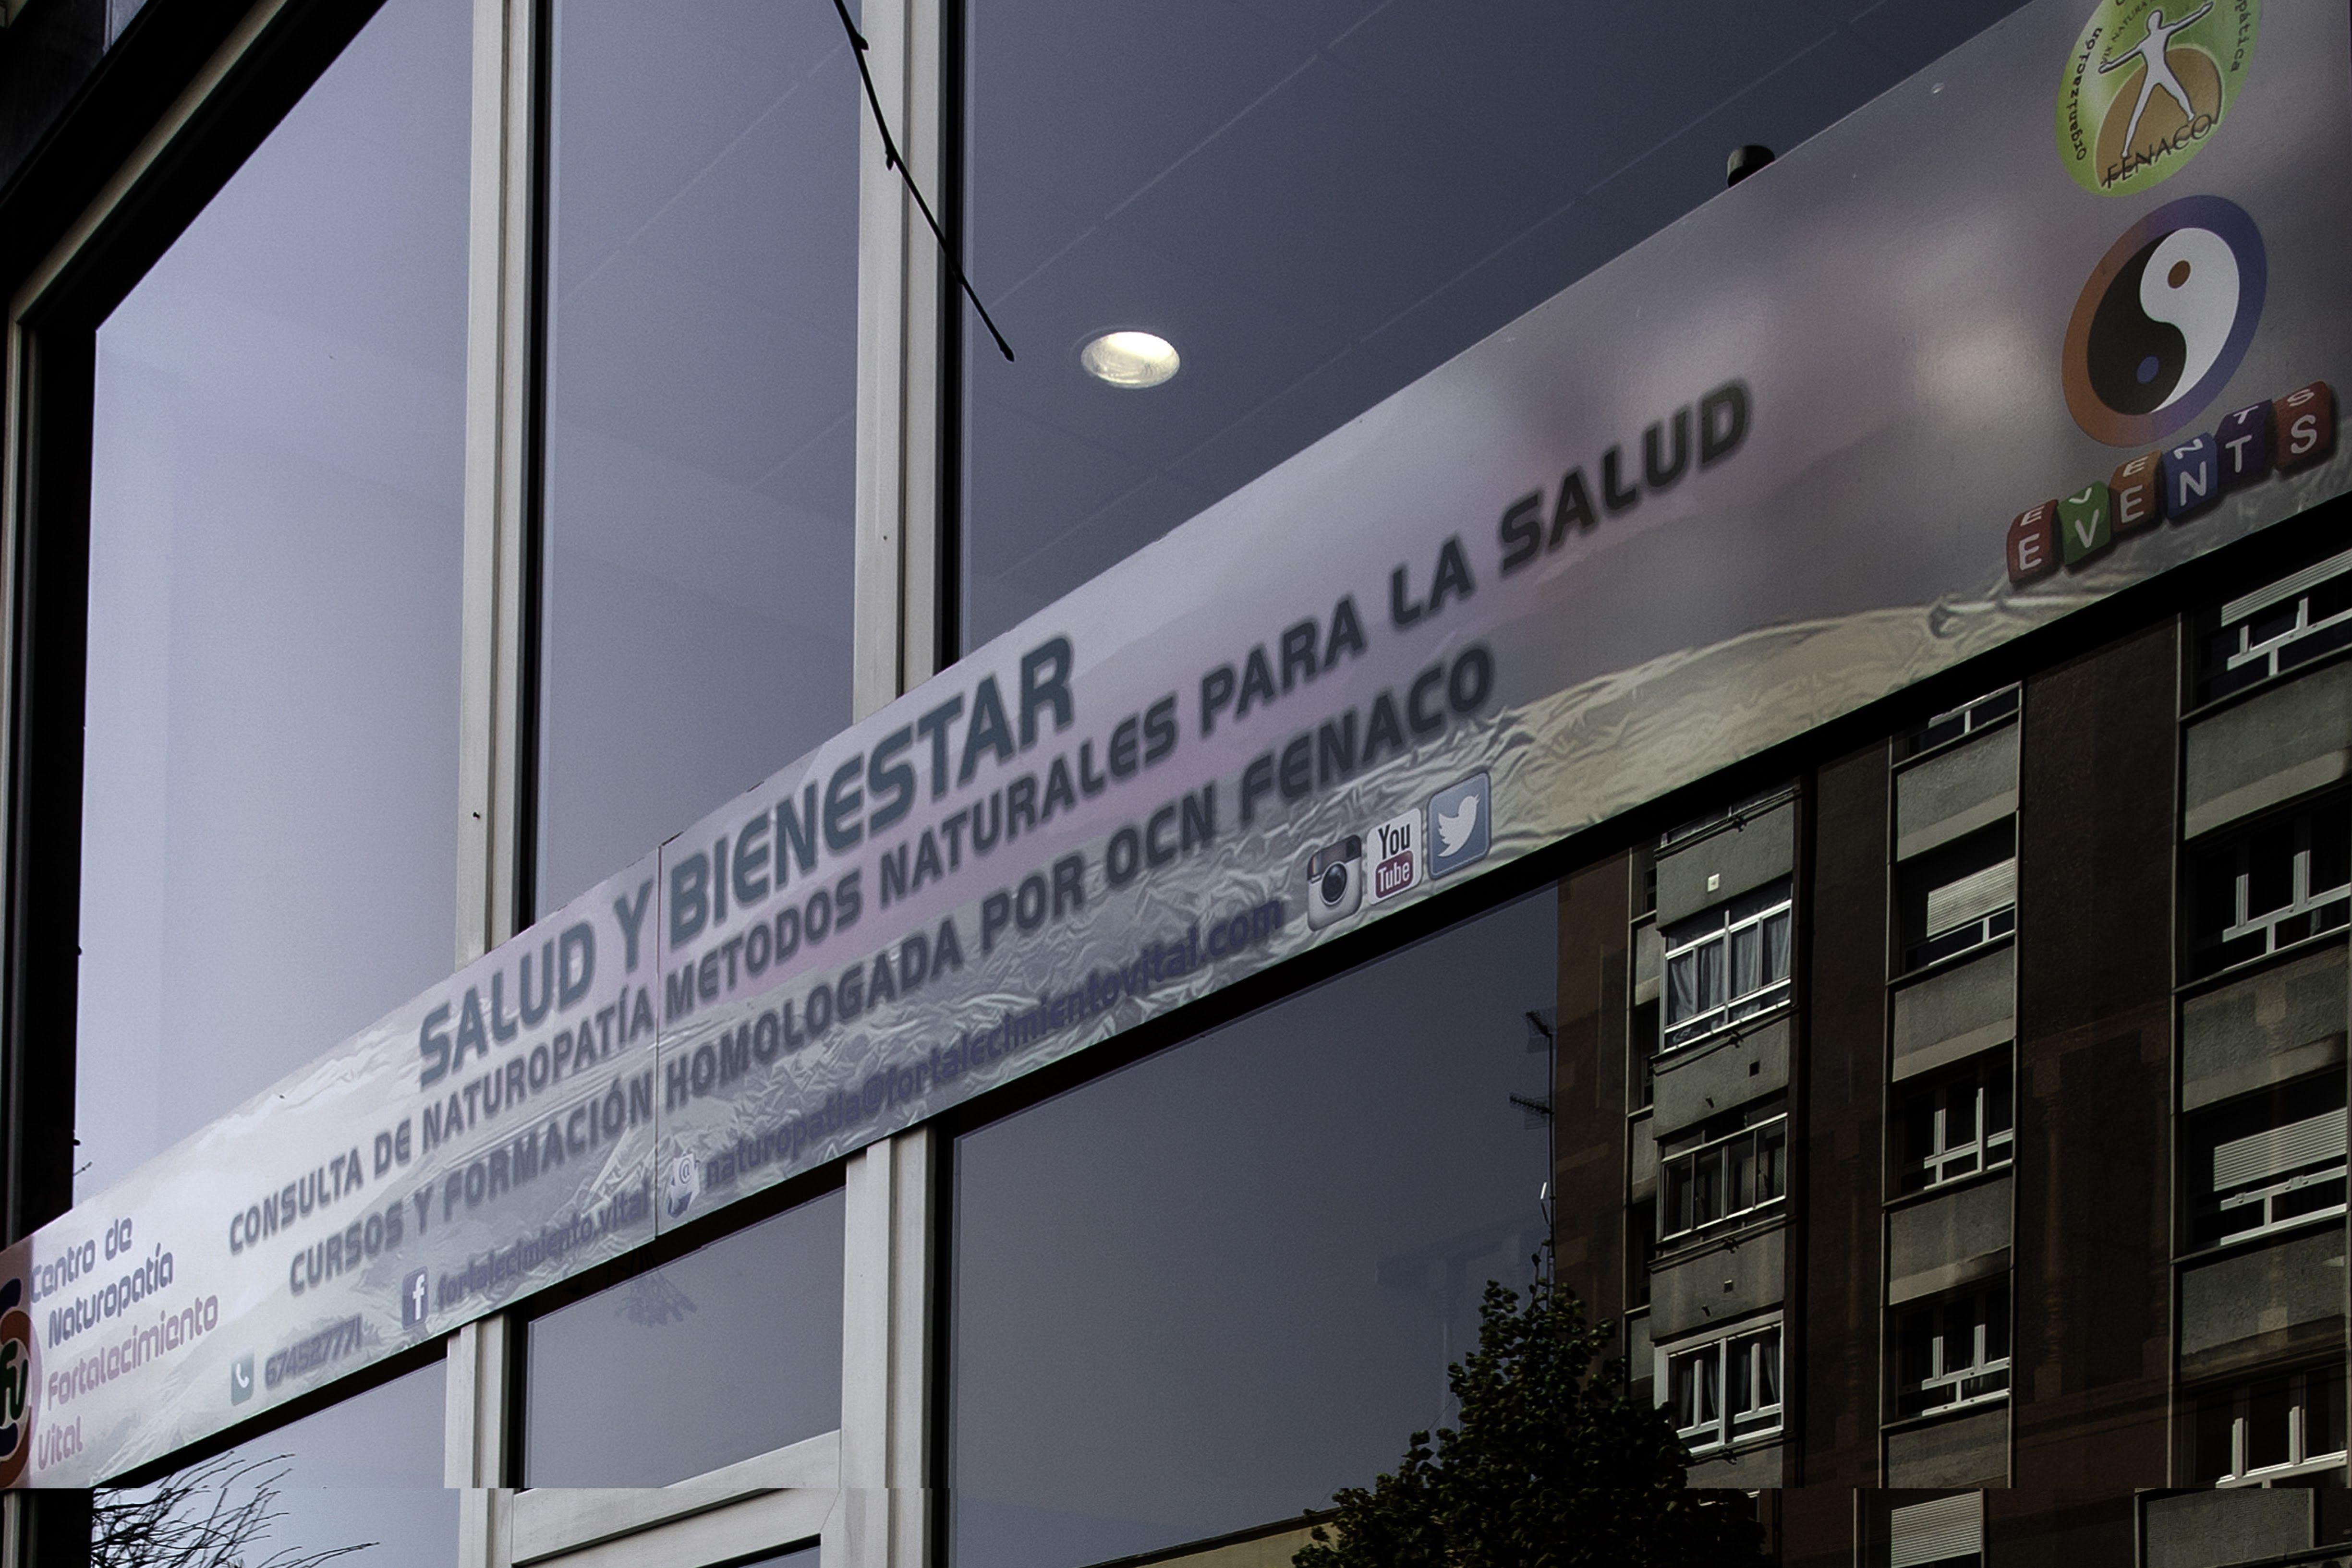 Foto 4 de Cursos de naturopatía en Asturias en Gijón | Fortalecimiento Vital